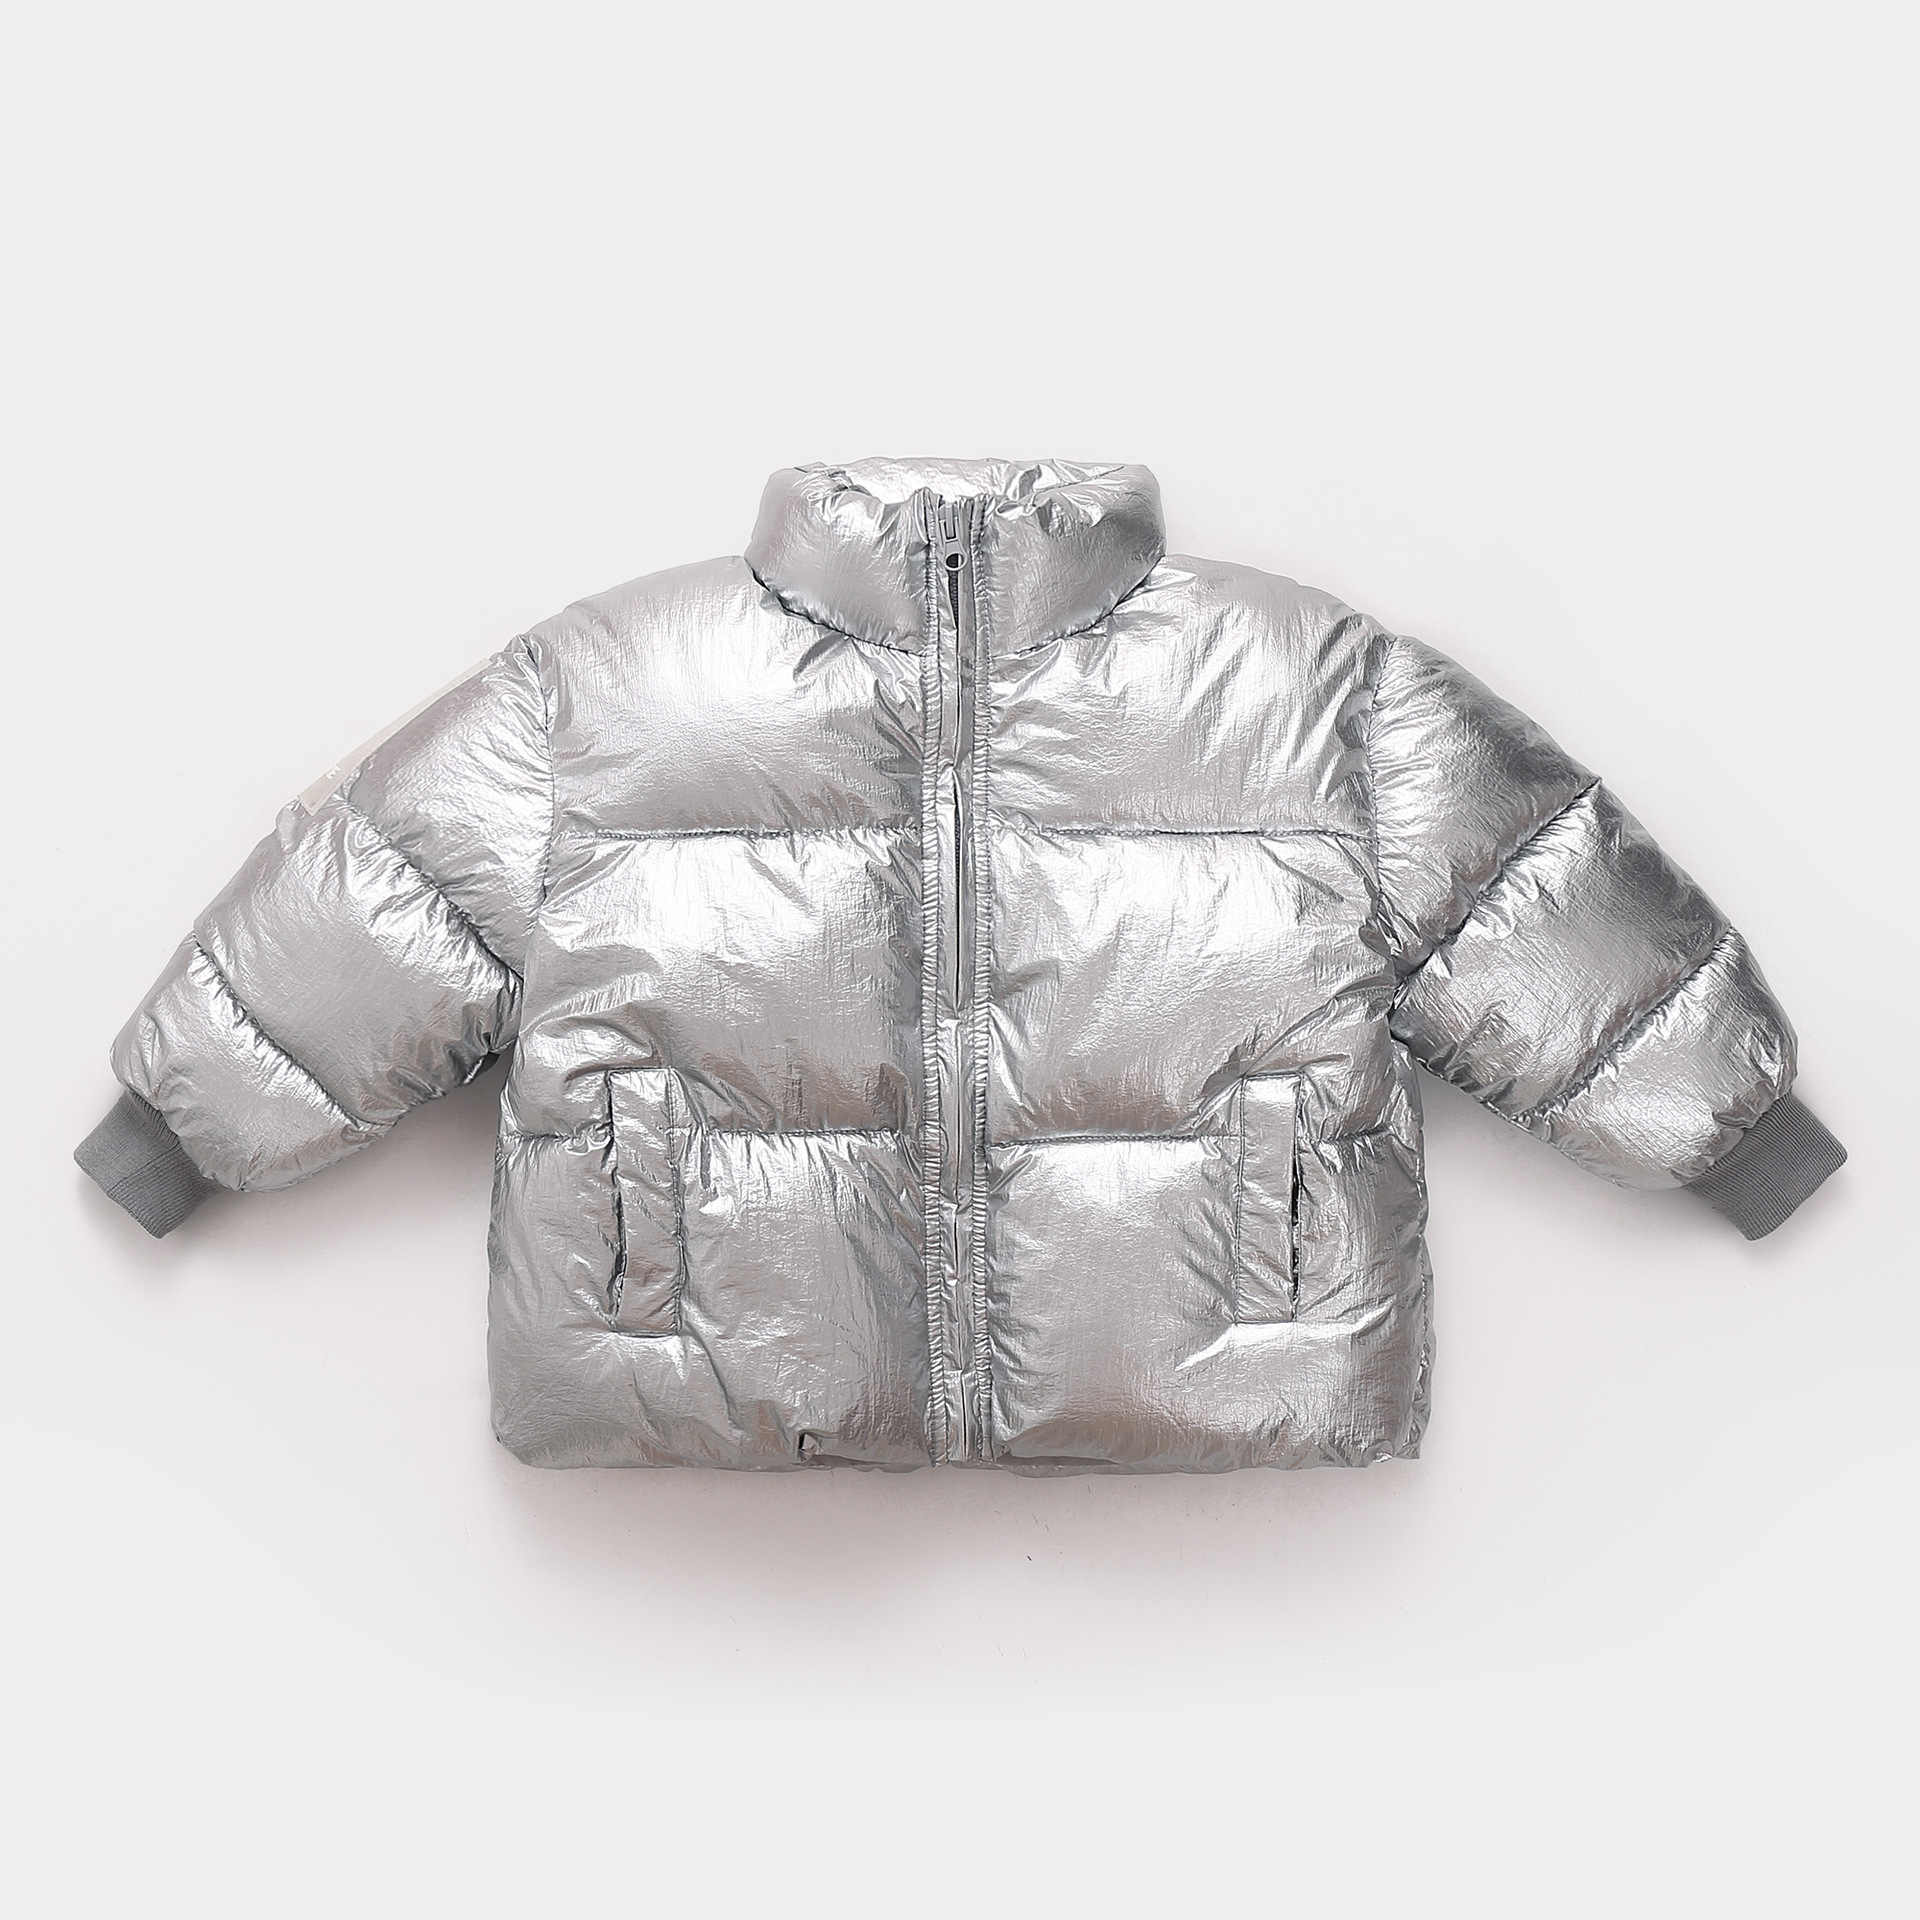 Niños niño chaqueta, abrigo para chica y chaquetas para niños prendas de vestir exteriores ropa Casual niños otoño chaqueta cazadora de invierno de Navidad